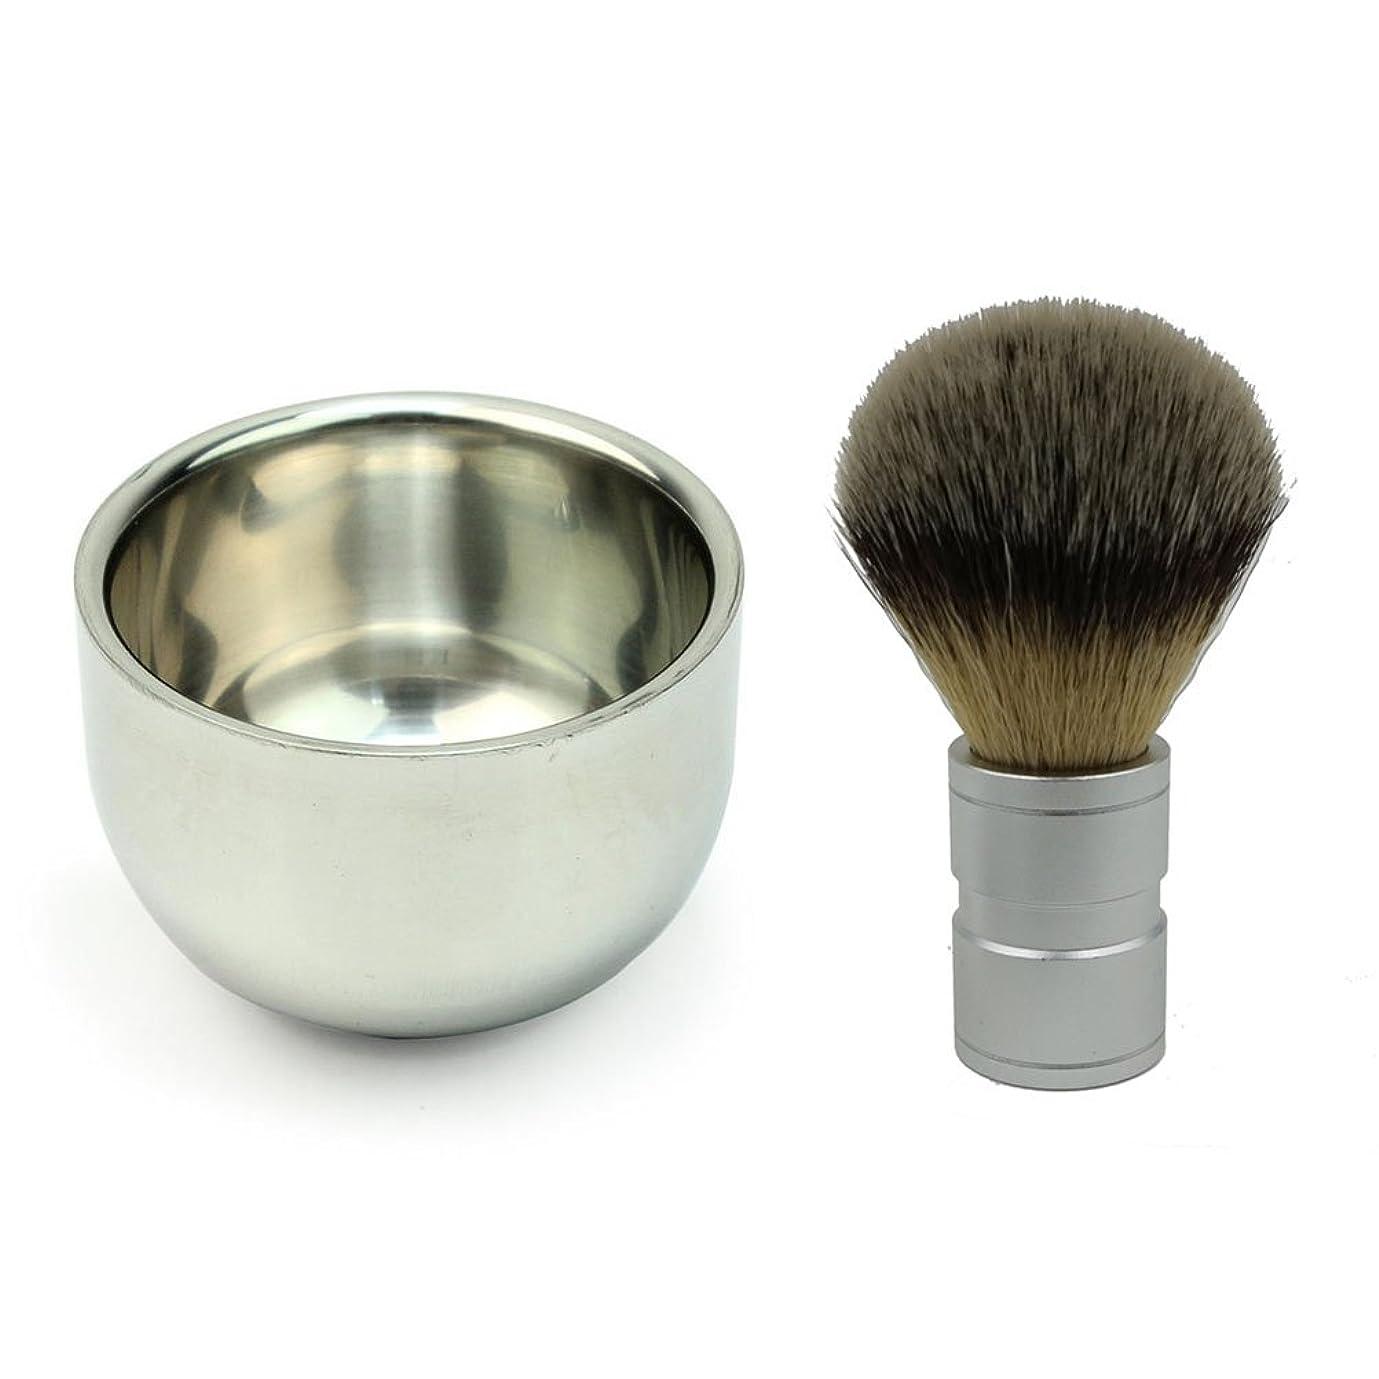 反論許される反対にROSENICE ステンレス鋼剃るボウル マグとアナグマ毛シェービング ブラシ